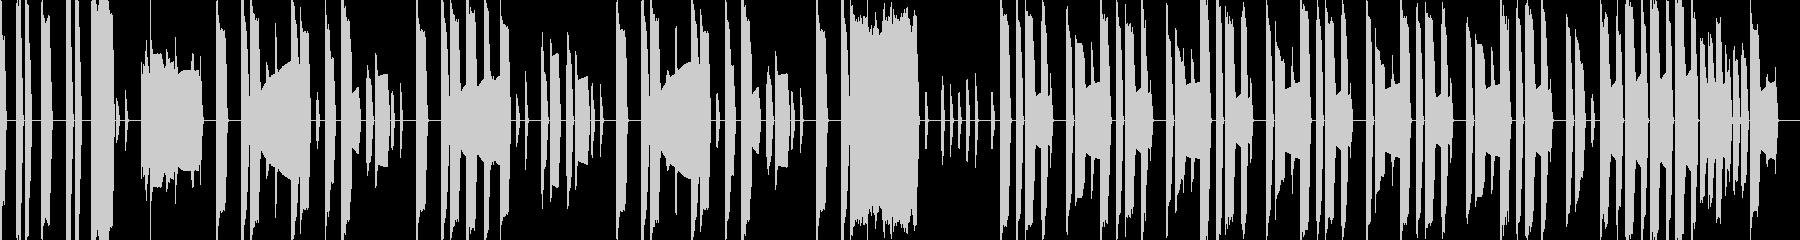 マリオ風の本格ファミコン曲1の未再生の波形